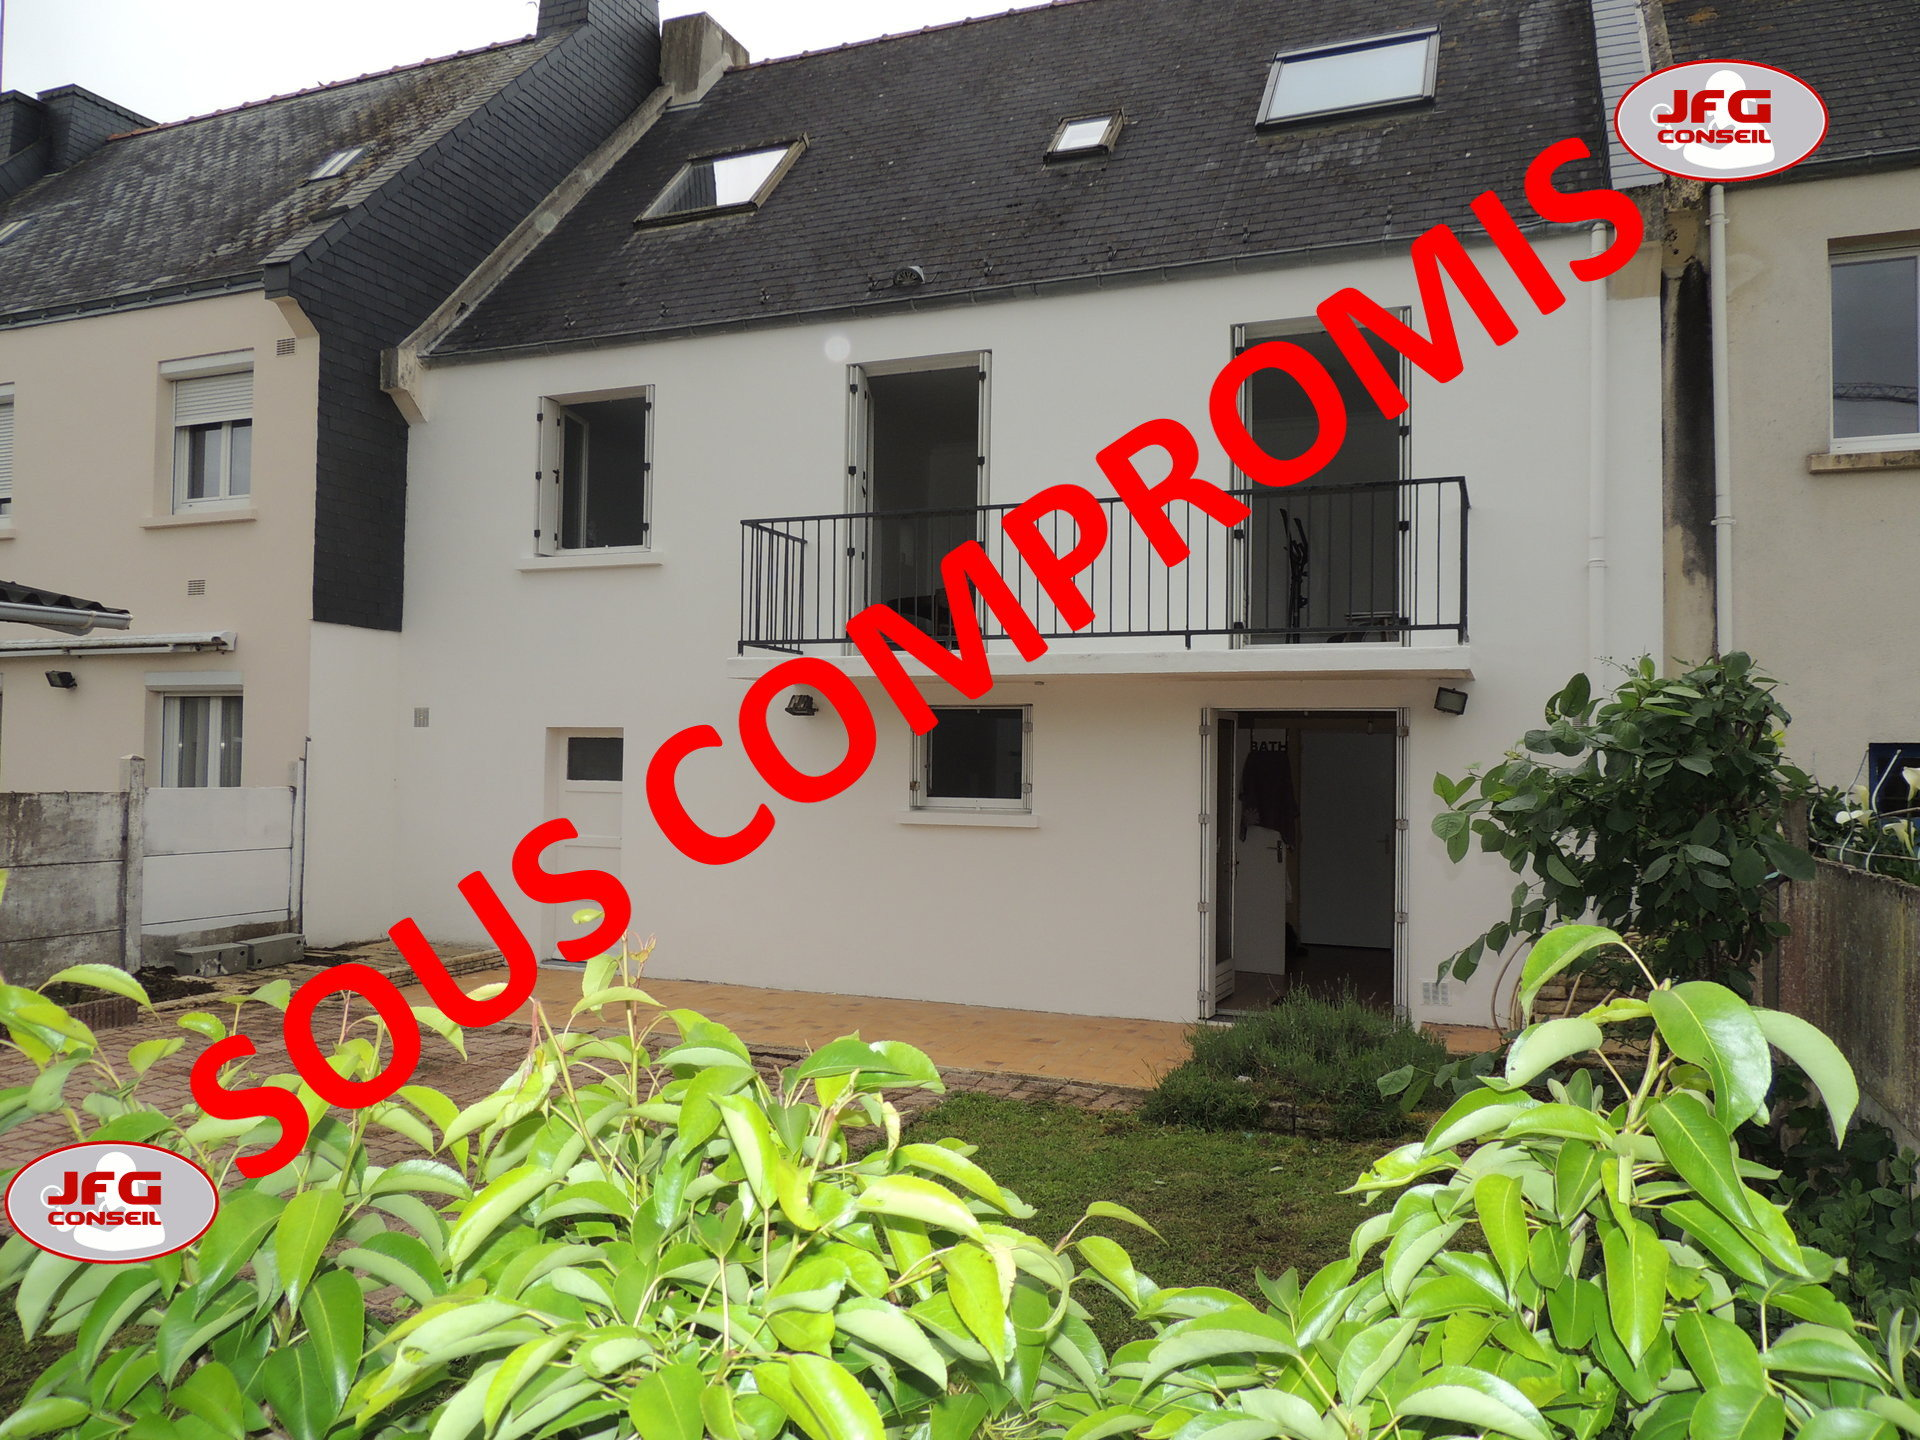 Maison 4 chambres - un bureau 44600 SAINT NAZAIRE